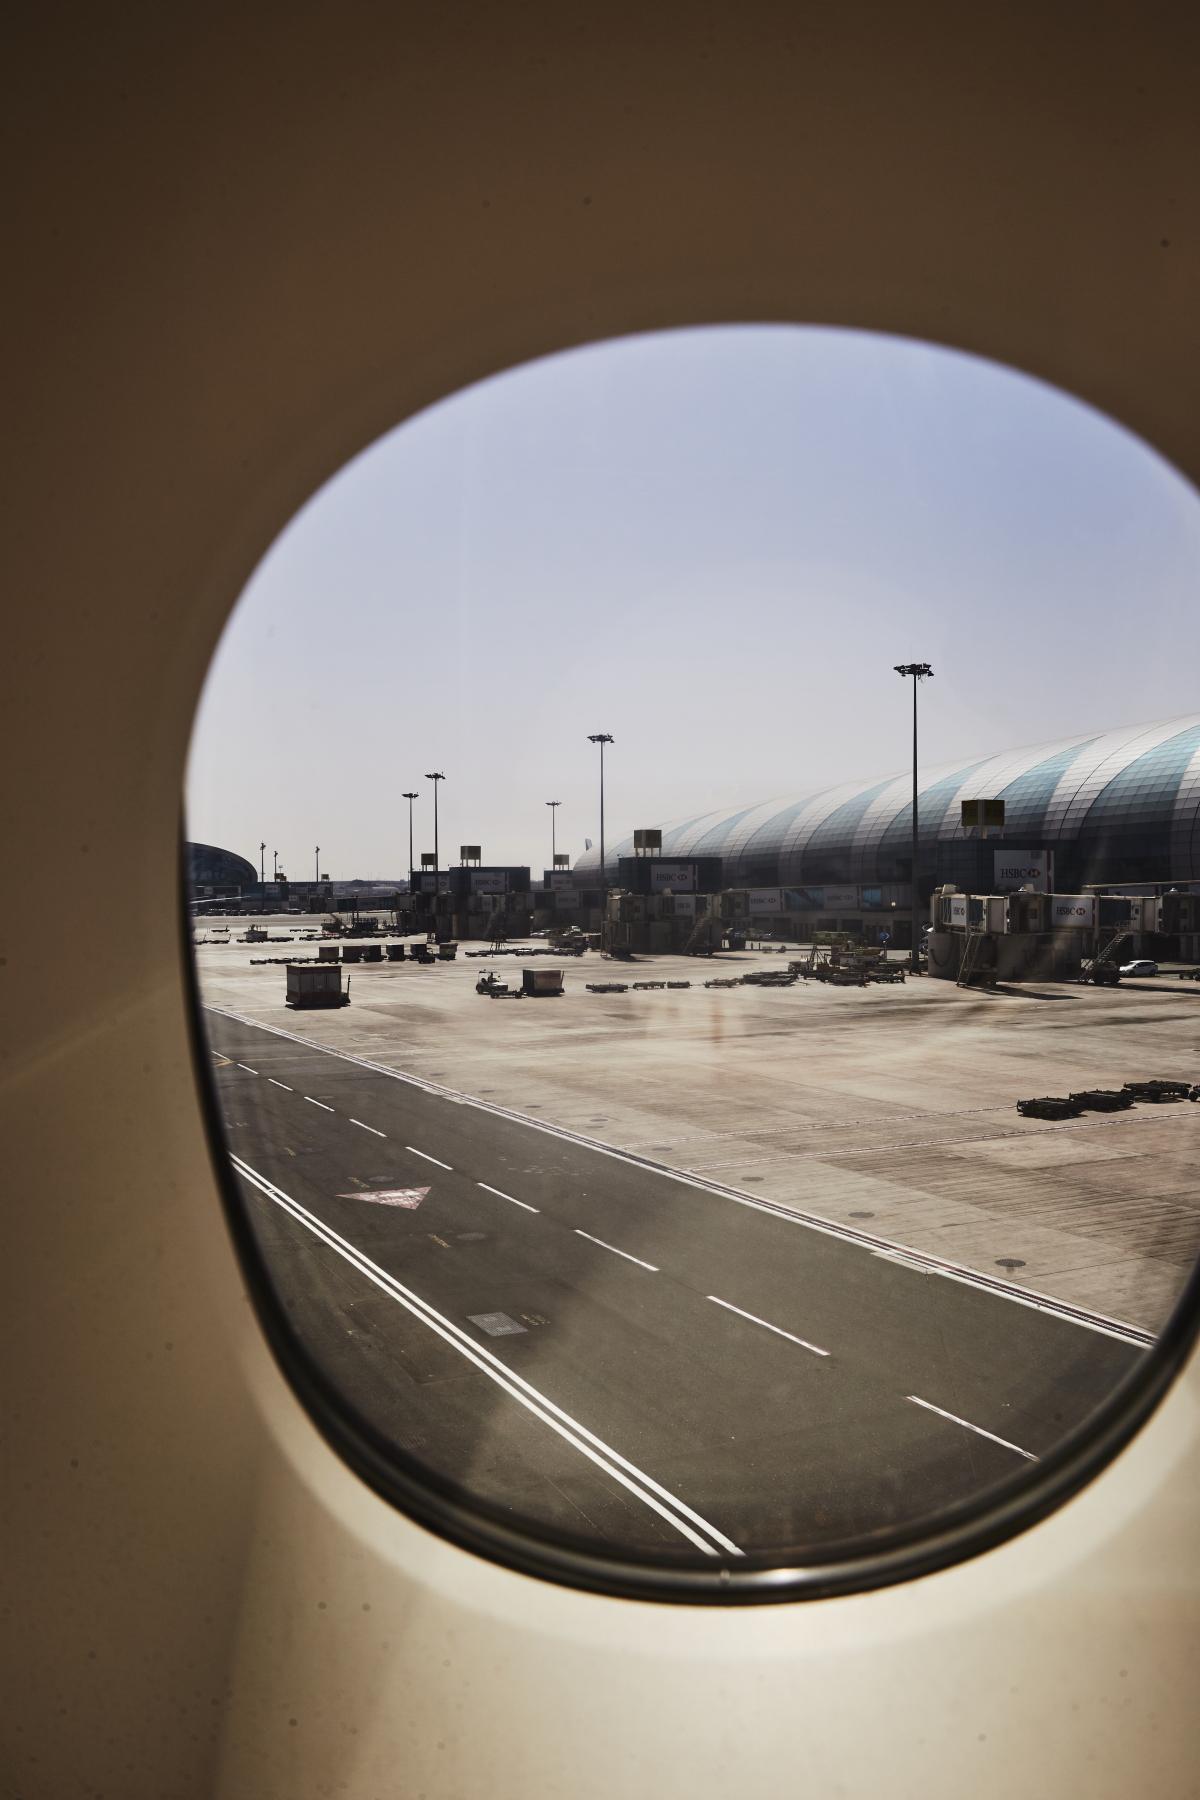 Dubai > Sydney EK 412